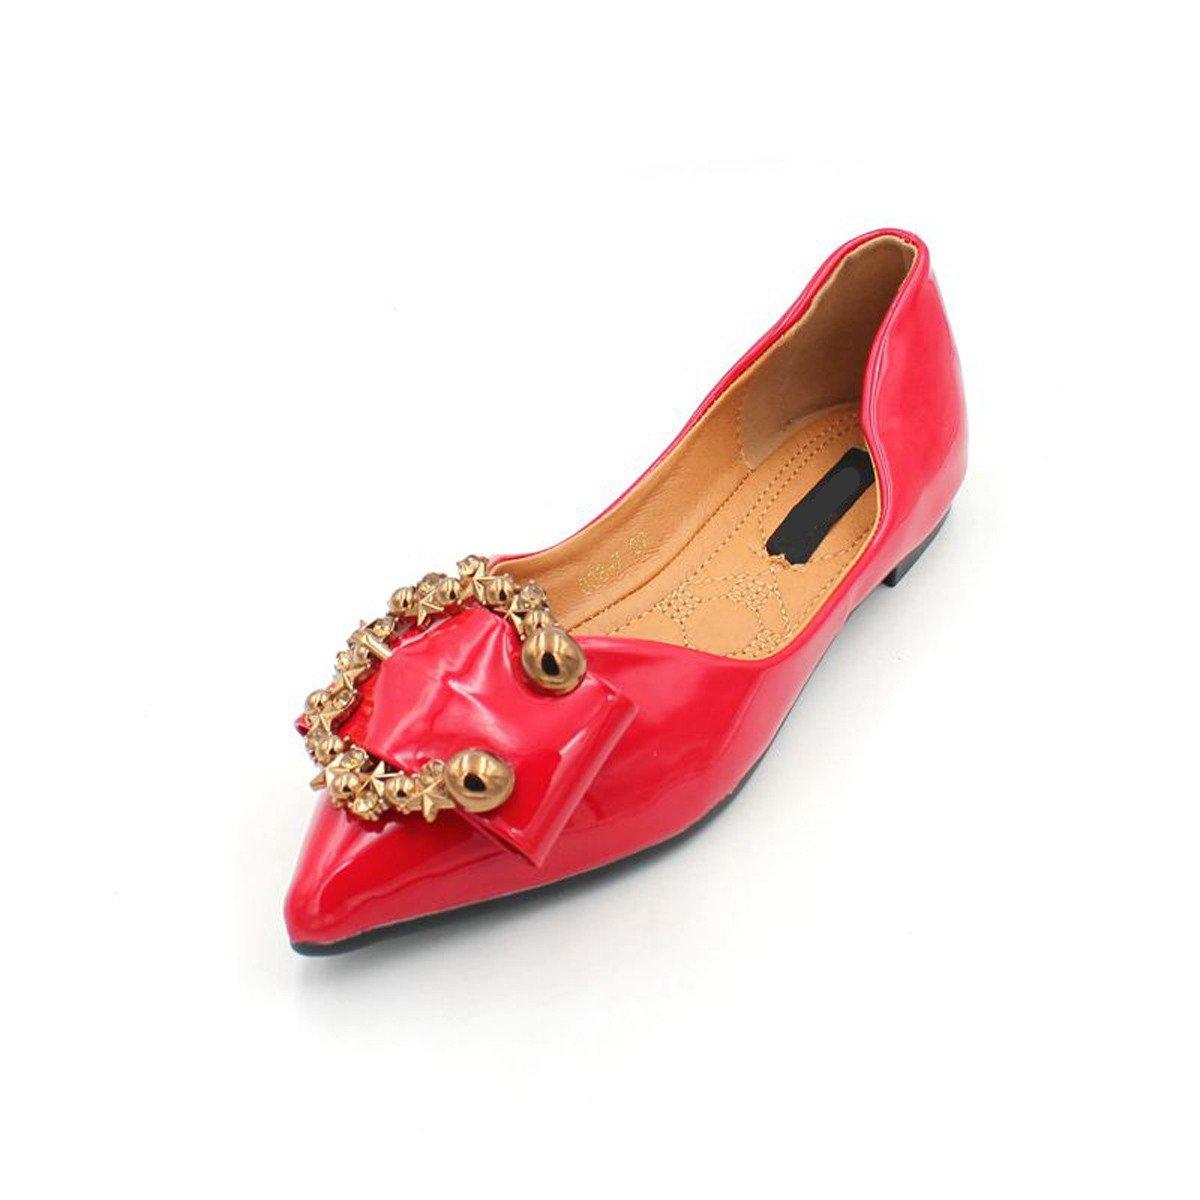 KPHY Damenschuhe/ROT Sommer Rote Schuhe Leder Schuhe Wasser Läuft Flache Scharfe Schwangere Frauen Flachen Boden Damenschuhe.